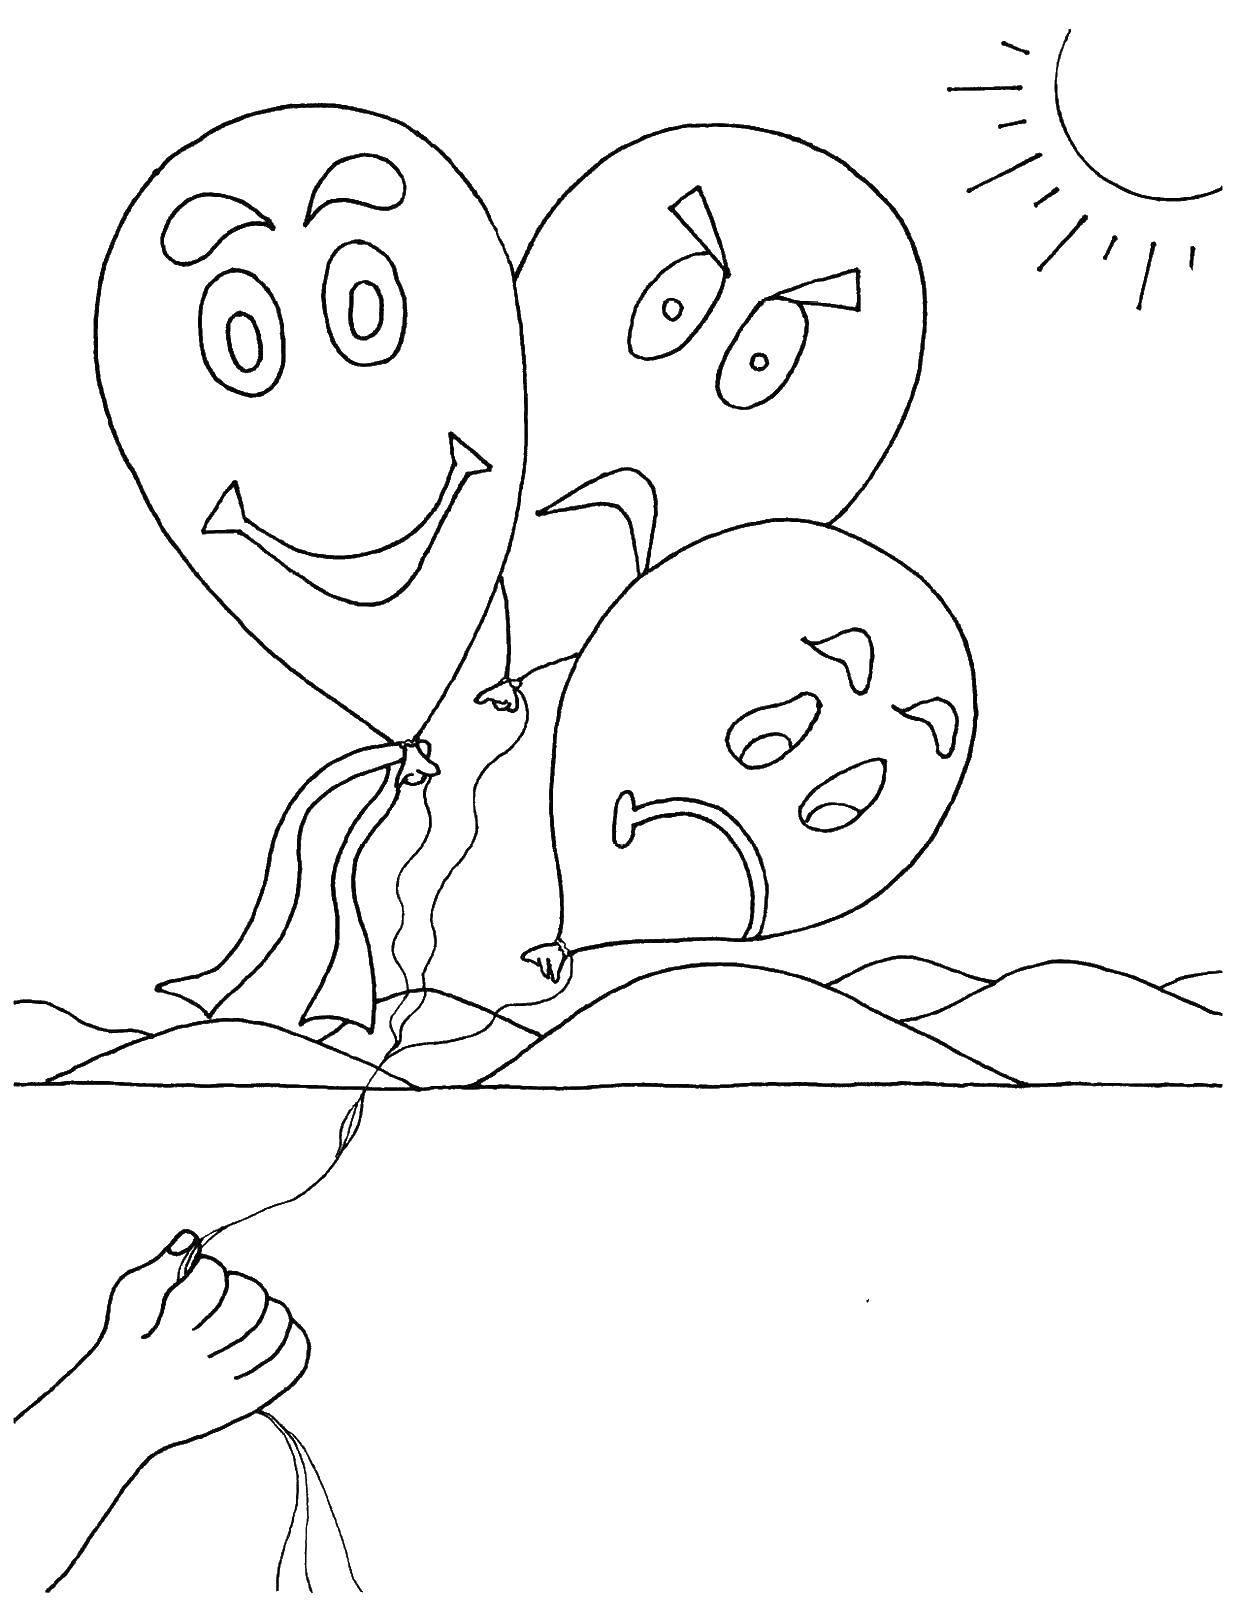 Раскраска Шарики с эмоциями Скачать шарики, эмоции.  Распечатать ,Эмоции,